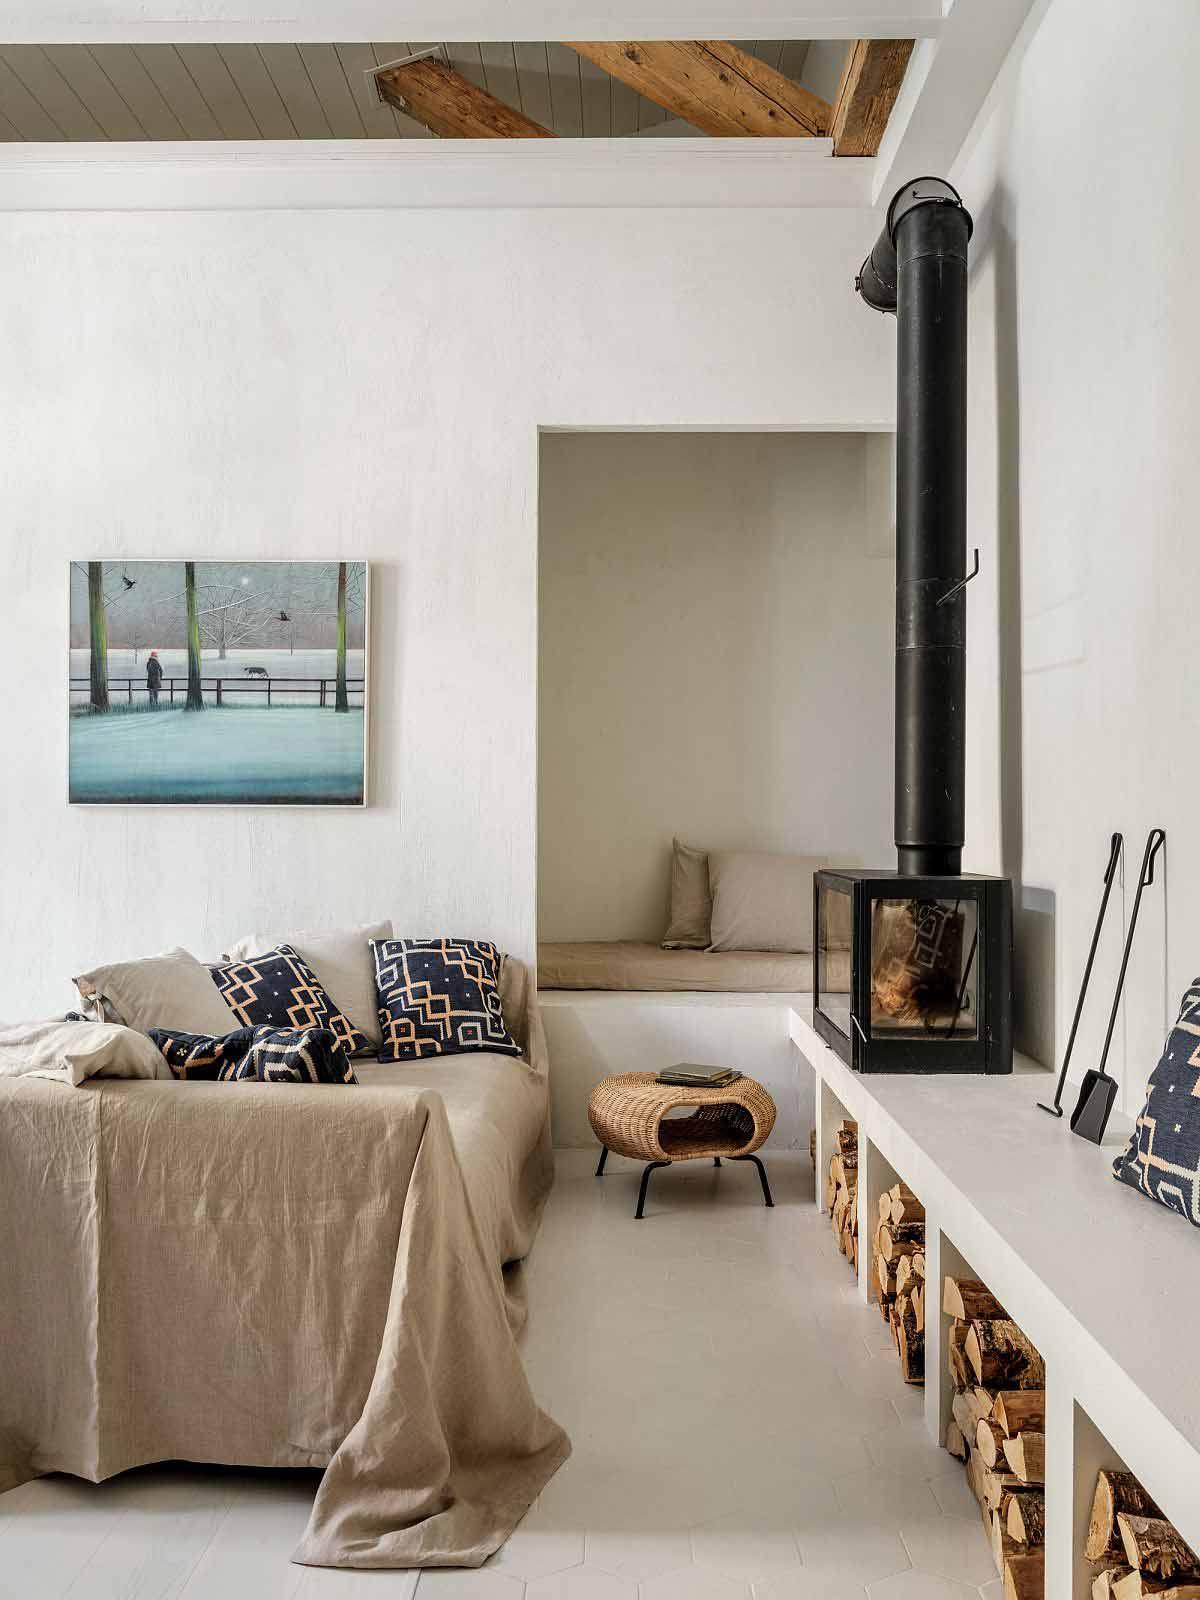 Desain interior ruang keluarga apartemen di Moskow karya Buro5 // decoist.com